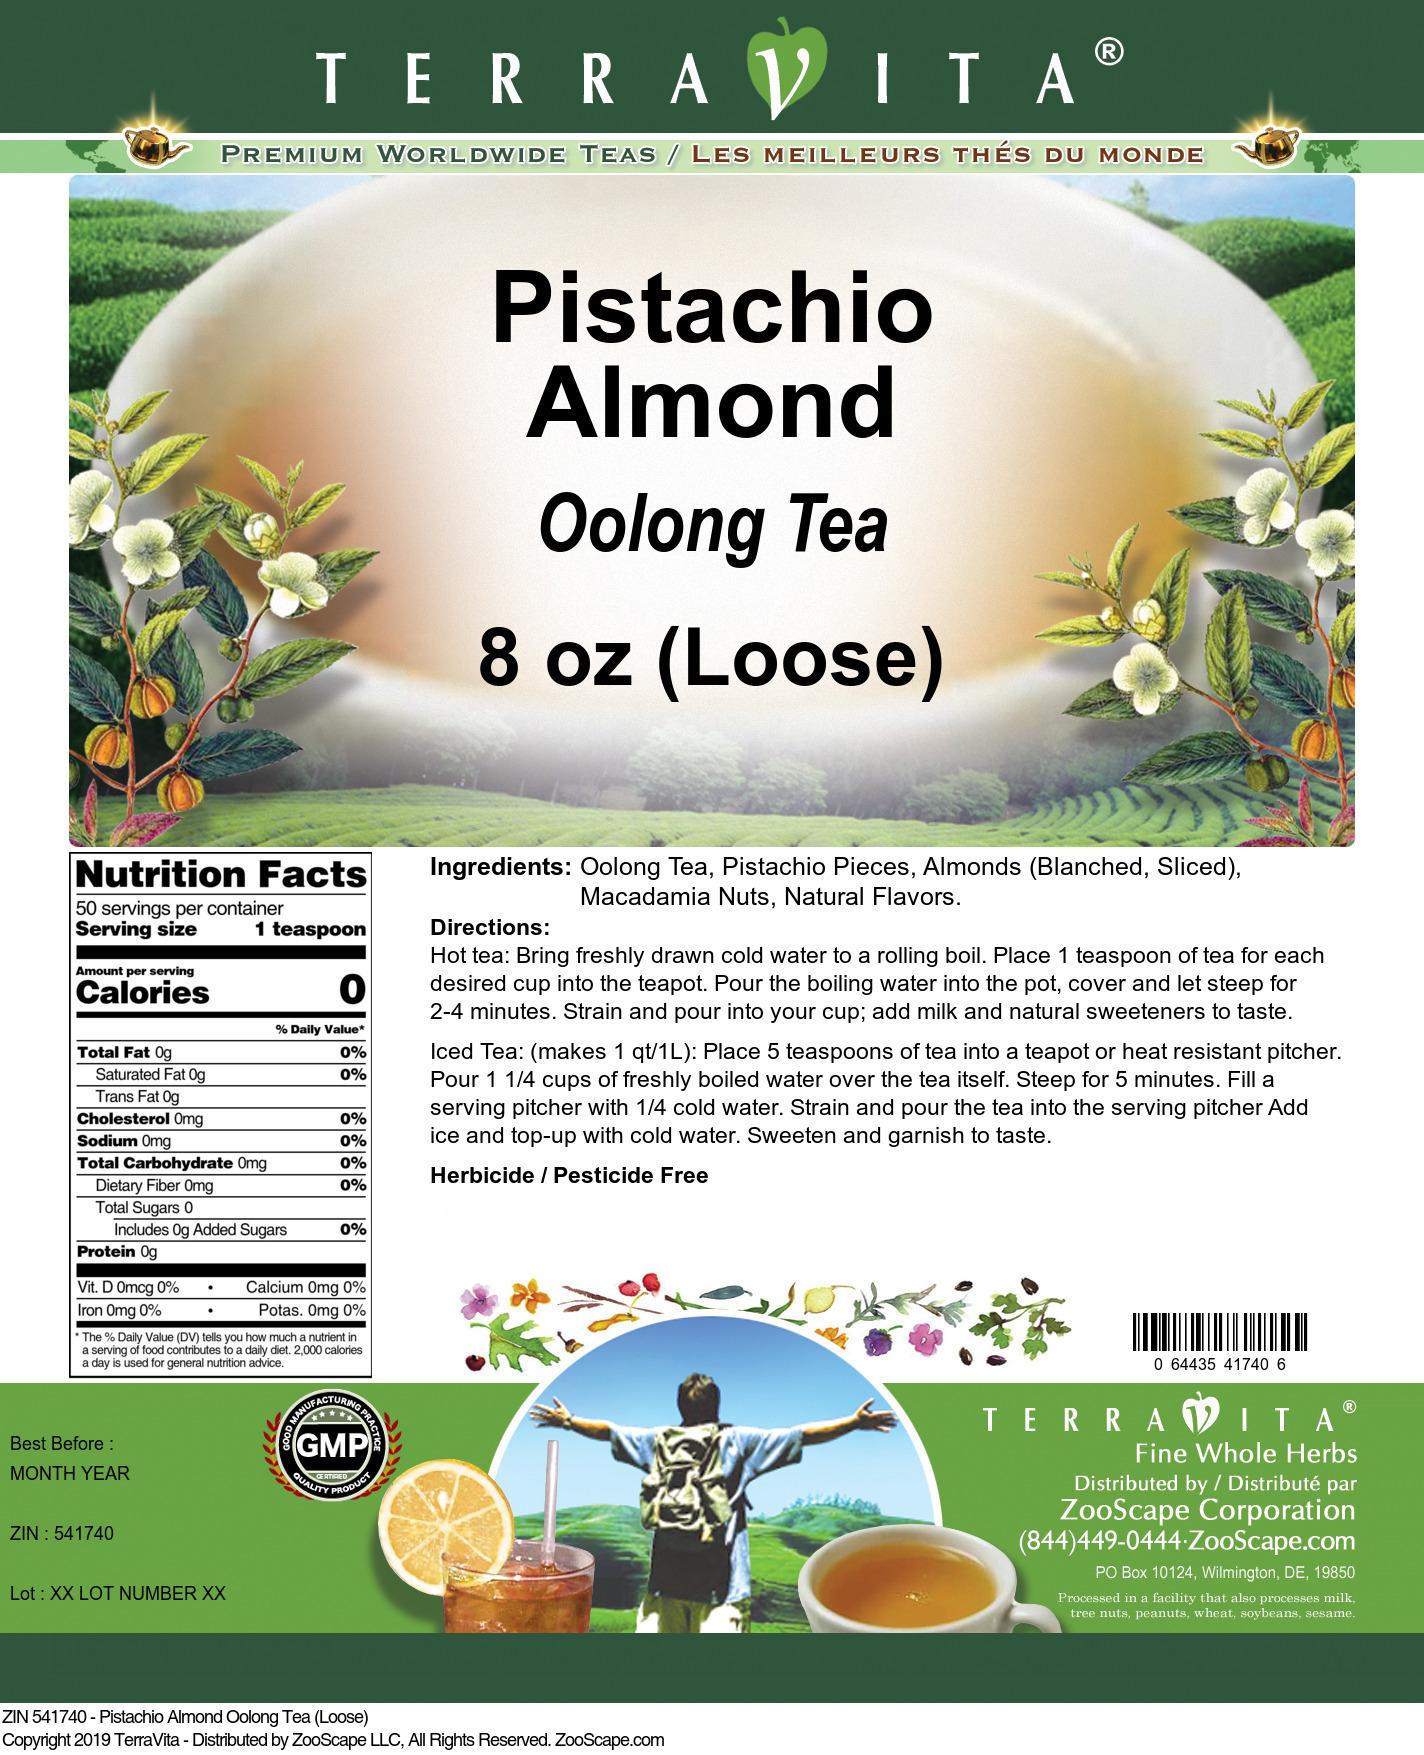 Pistachio Almond Oolong Tea (Loose)